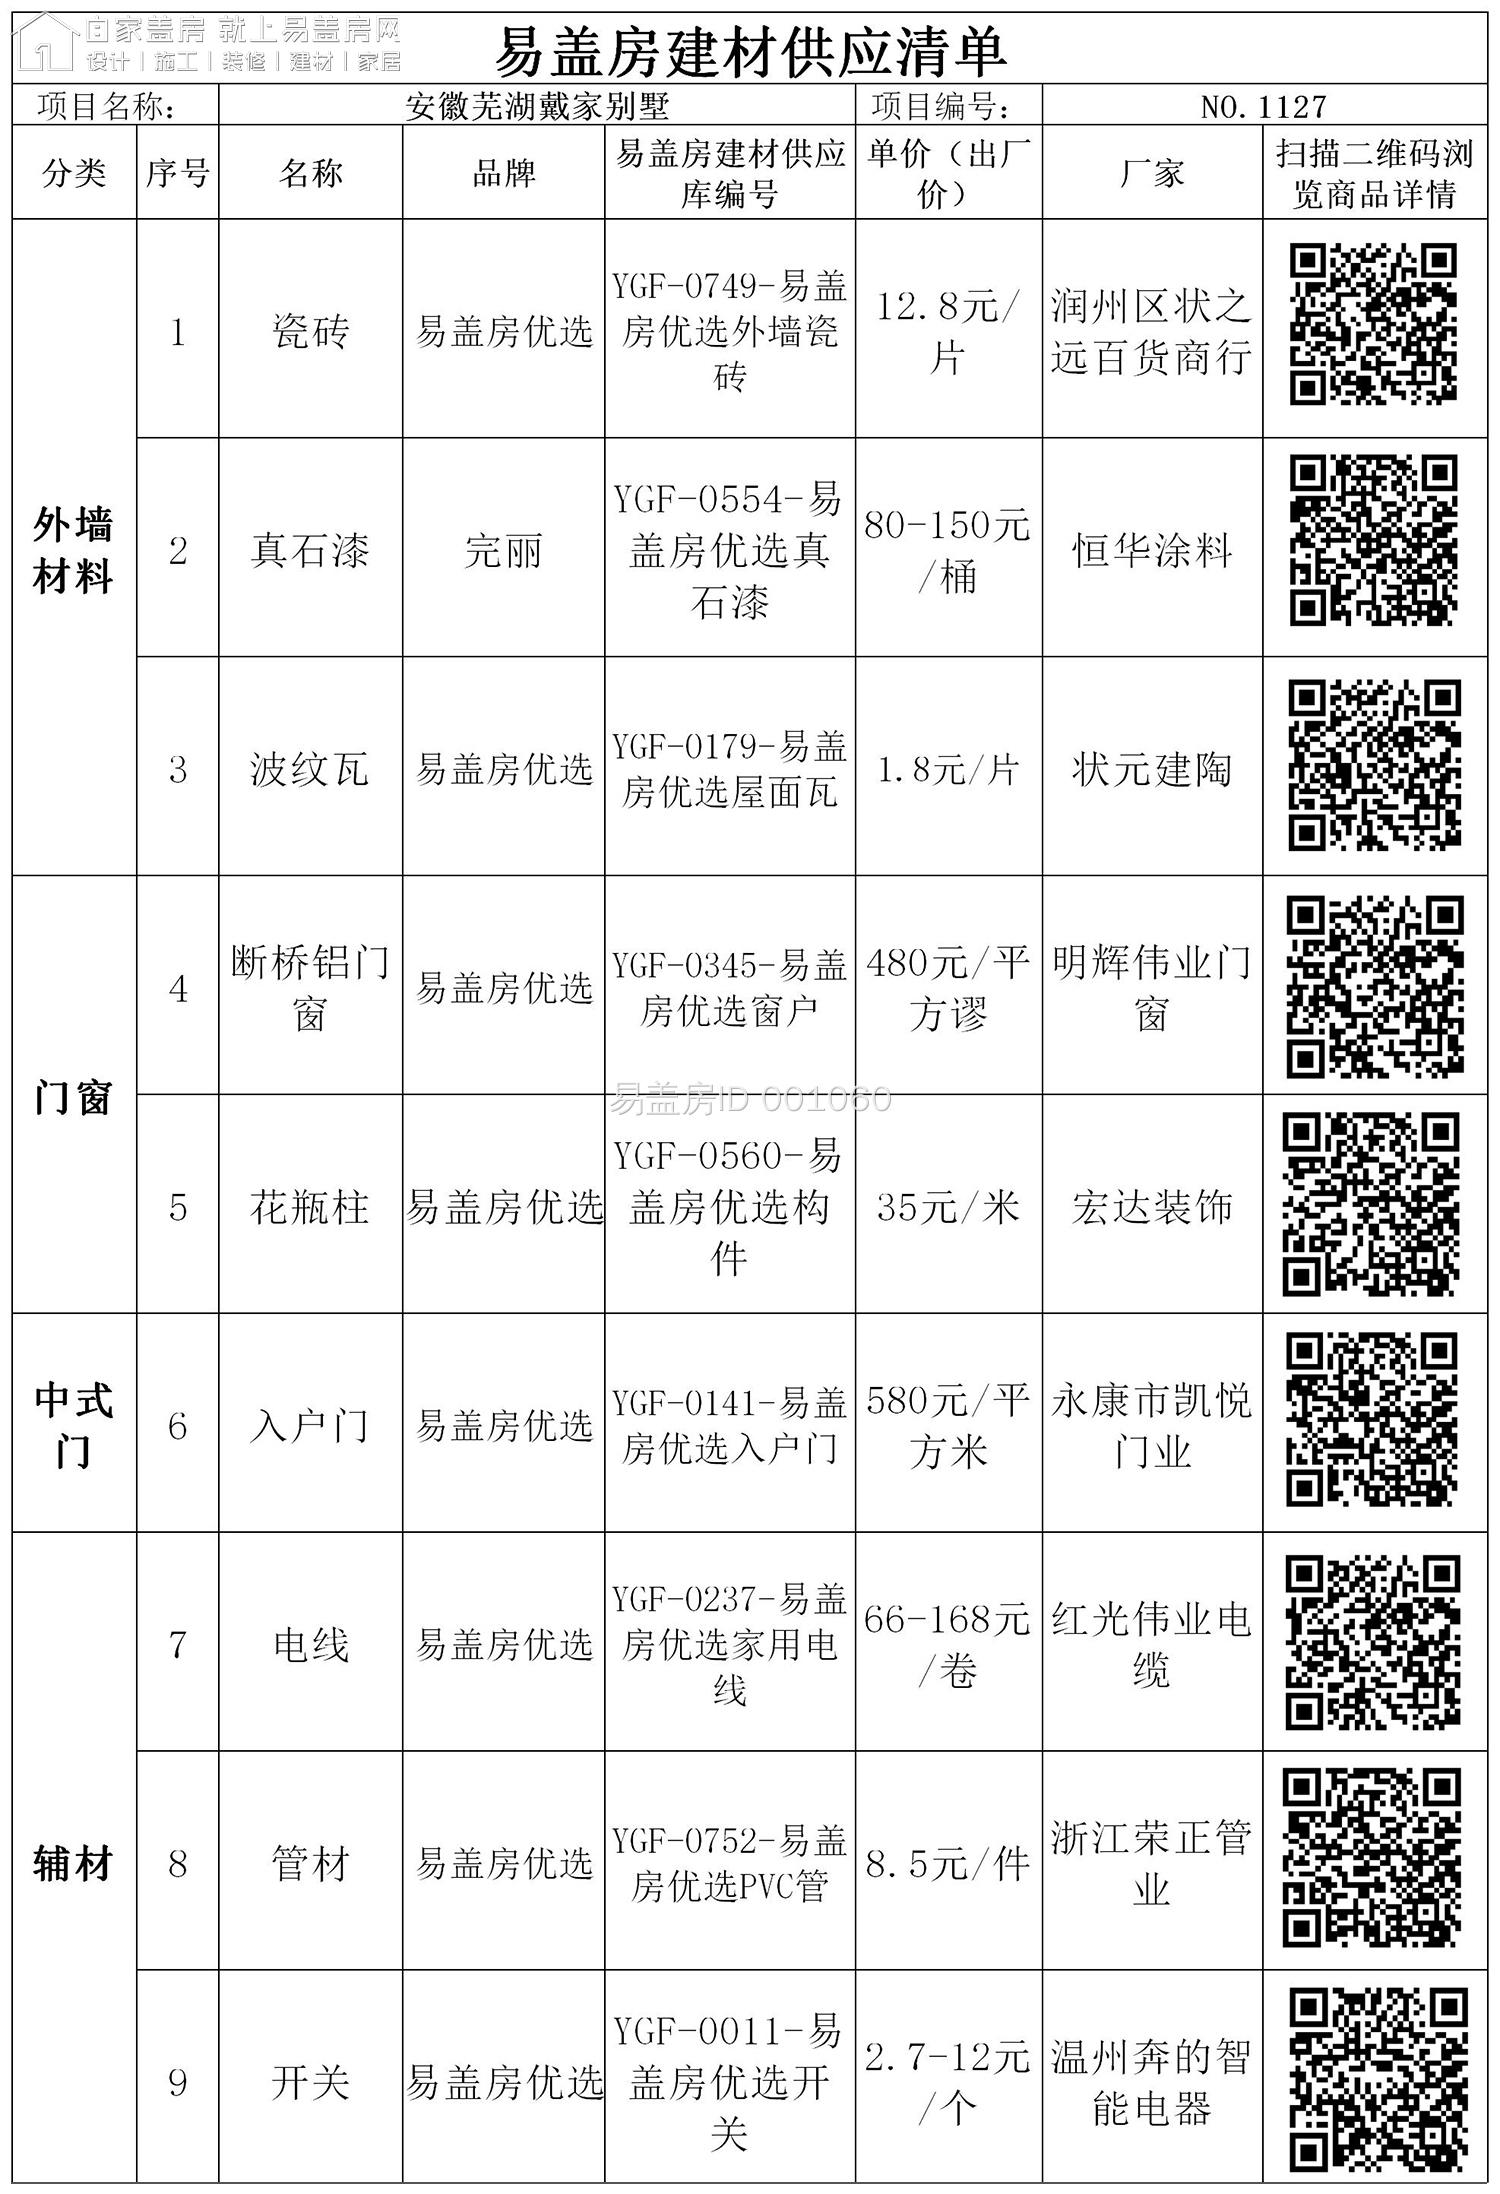 易盖房建材供应清单-李晓芳.jpg